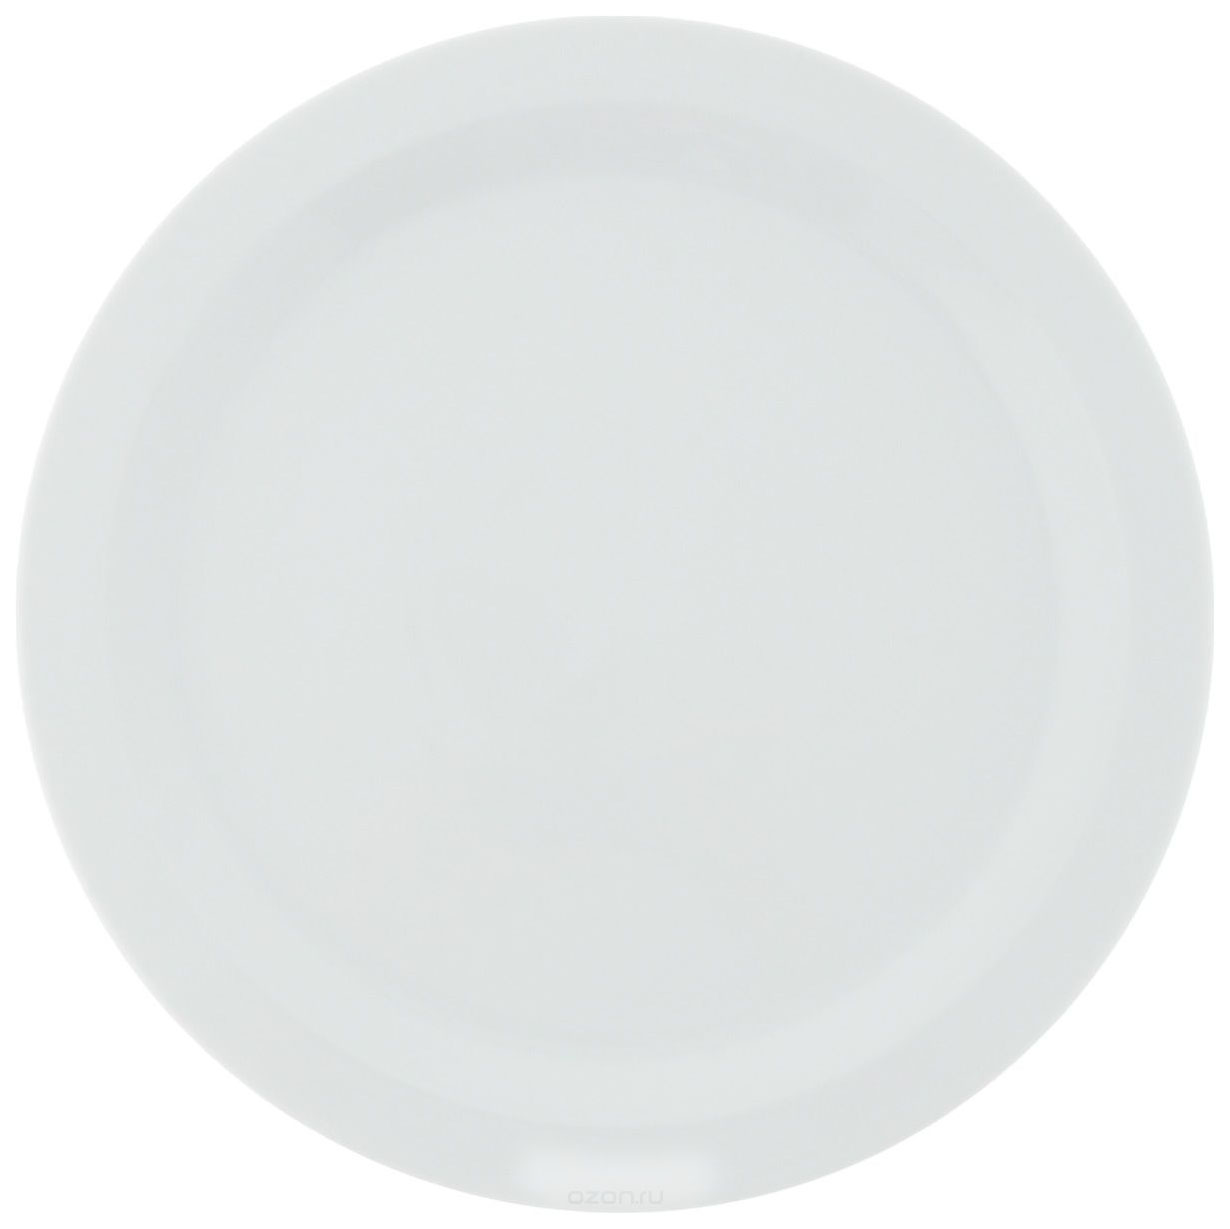 Тарелка Tescoma Gustito 386326 Белый